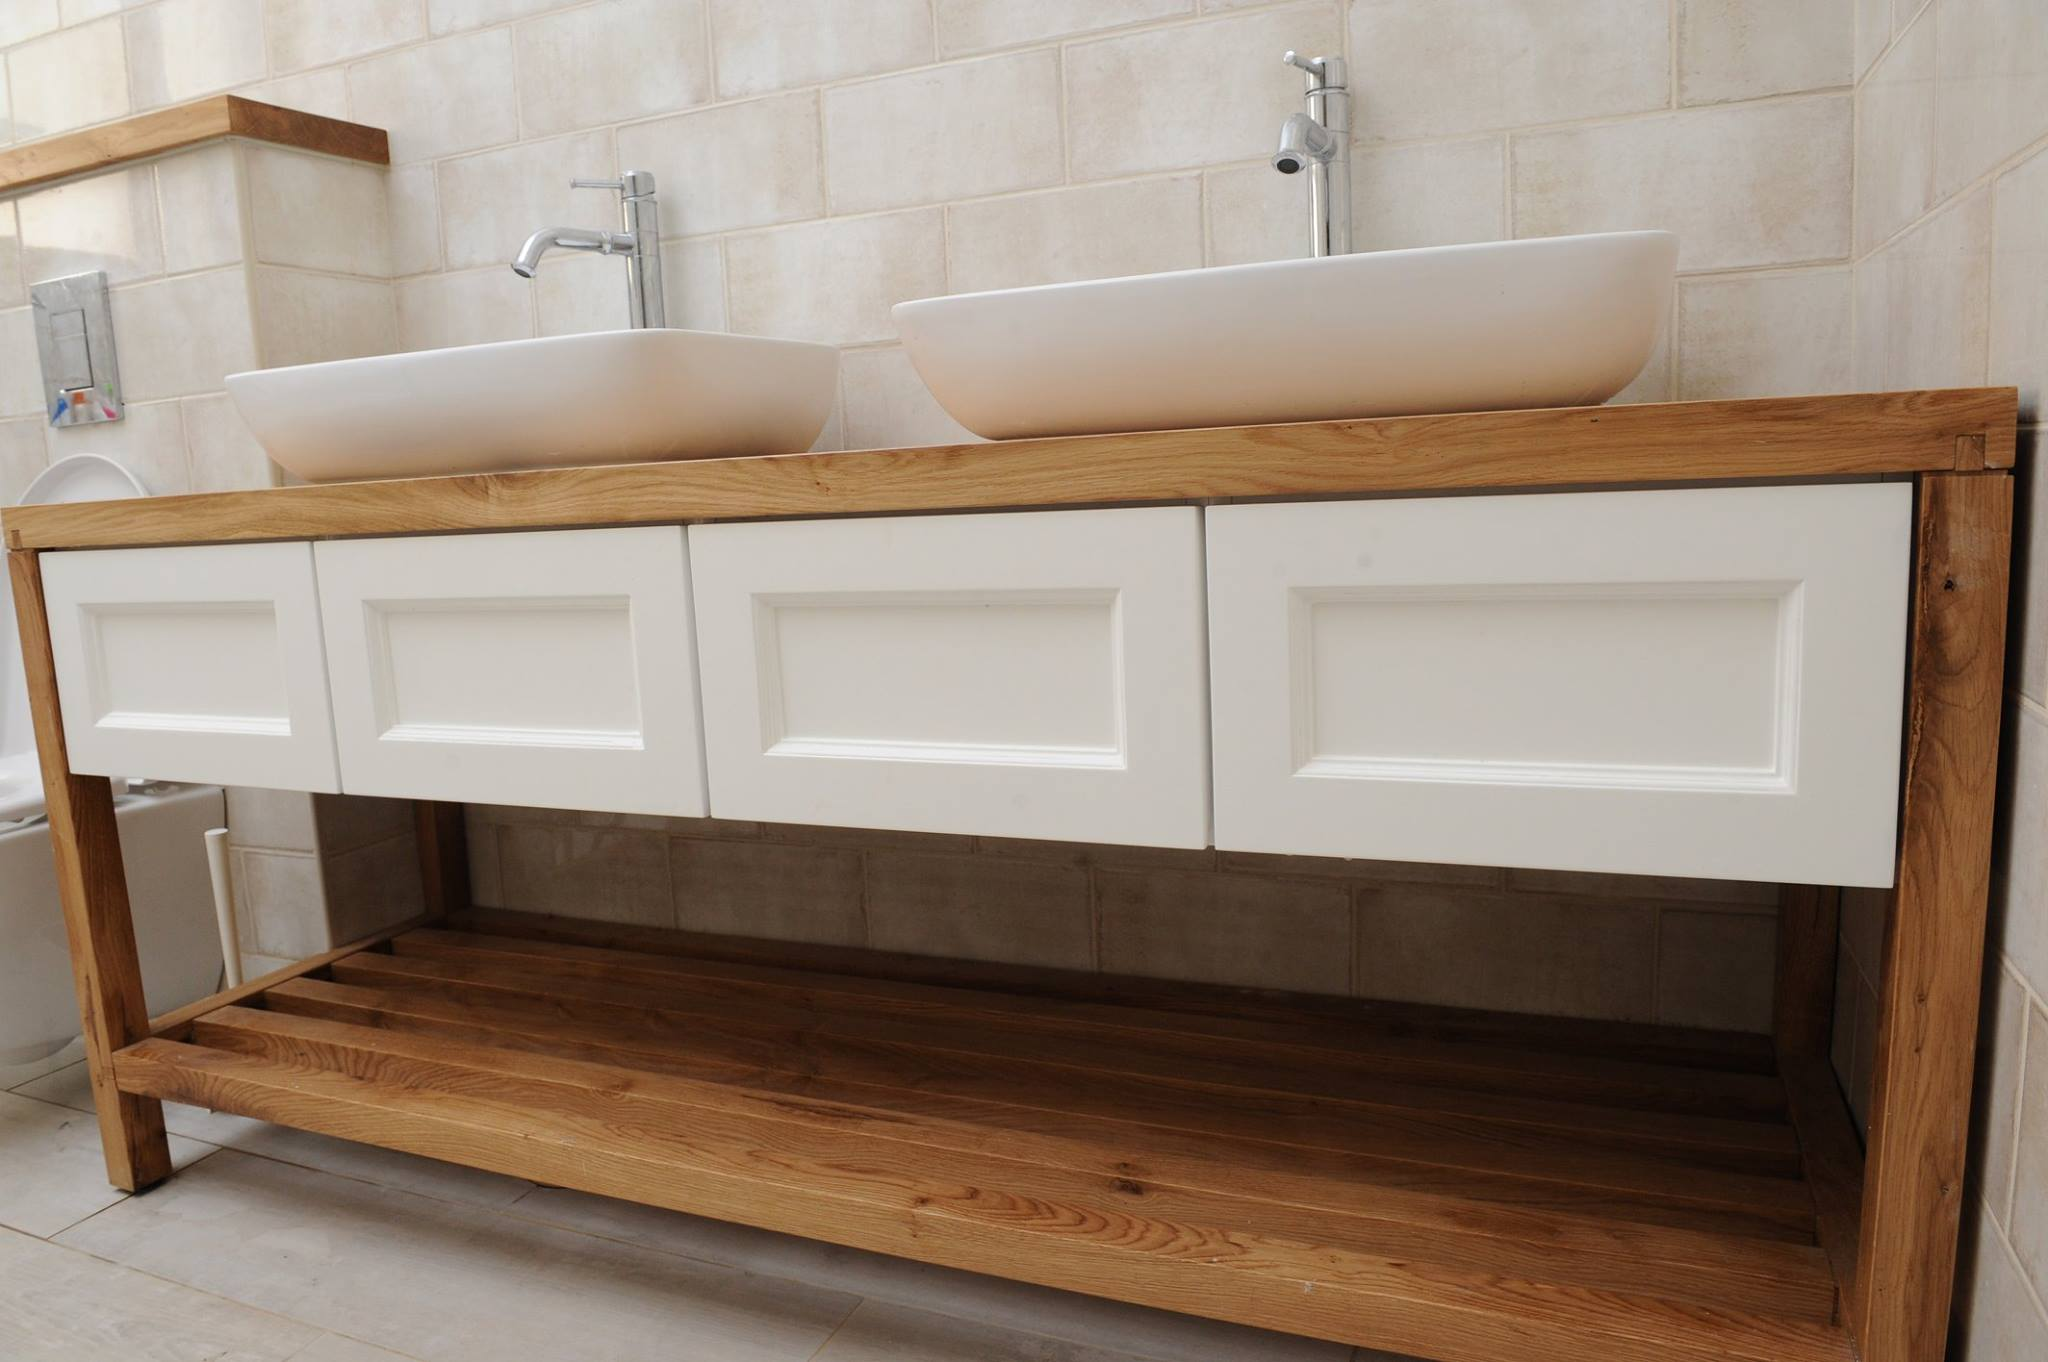 ארון אמבטיה כפרי, עומד על רגליים לבן ועץ